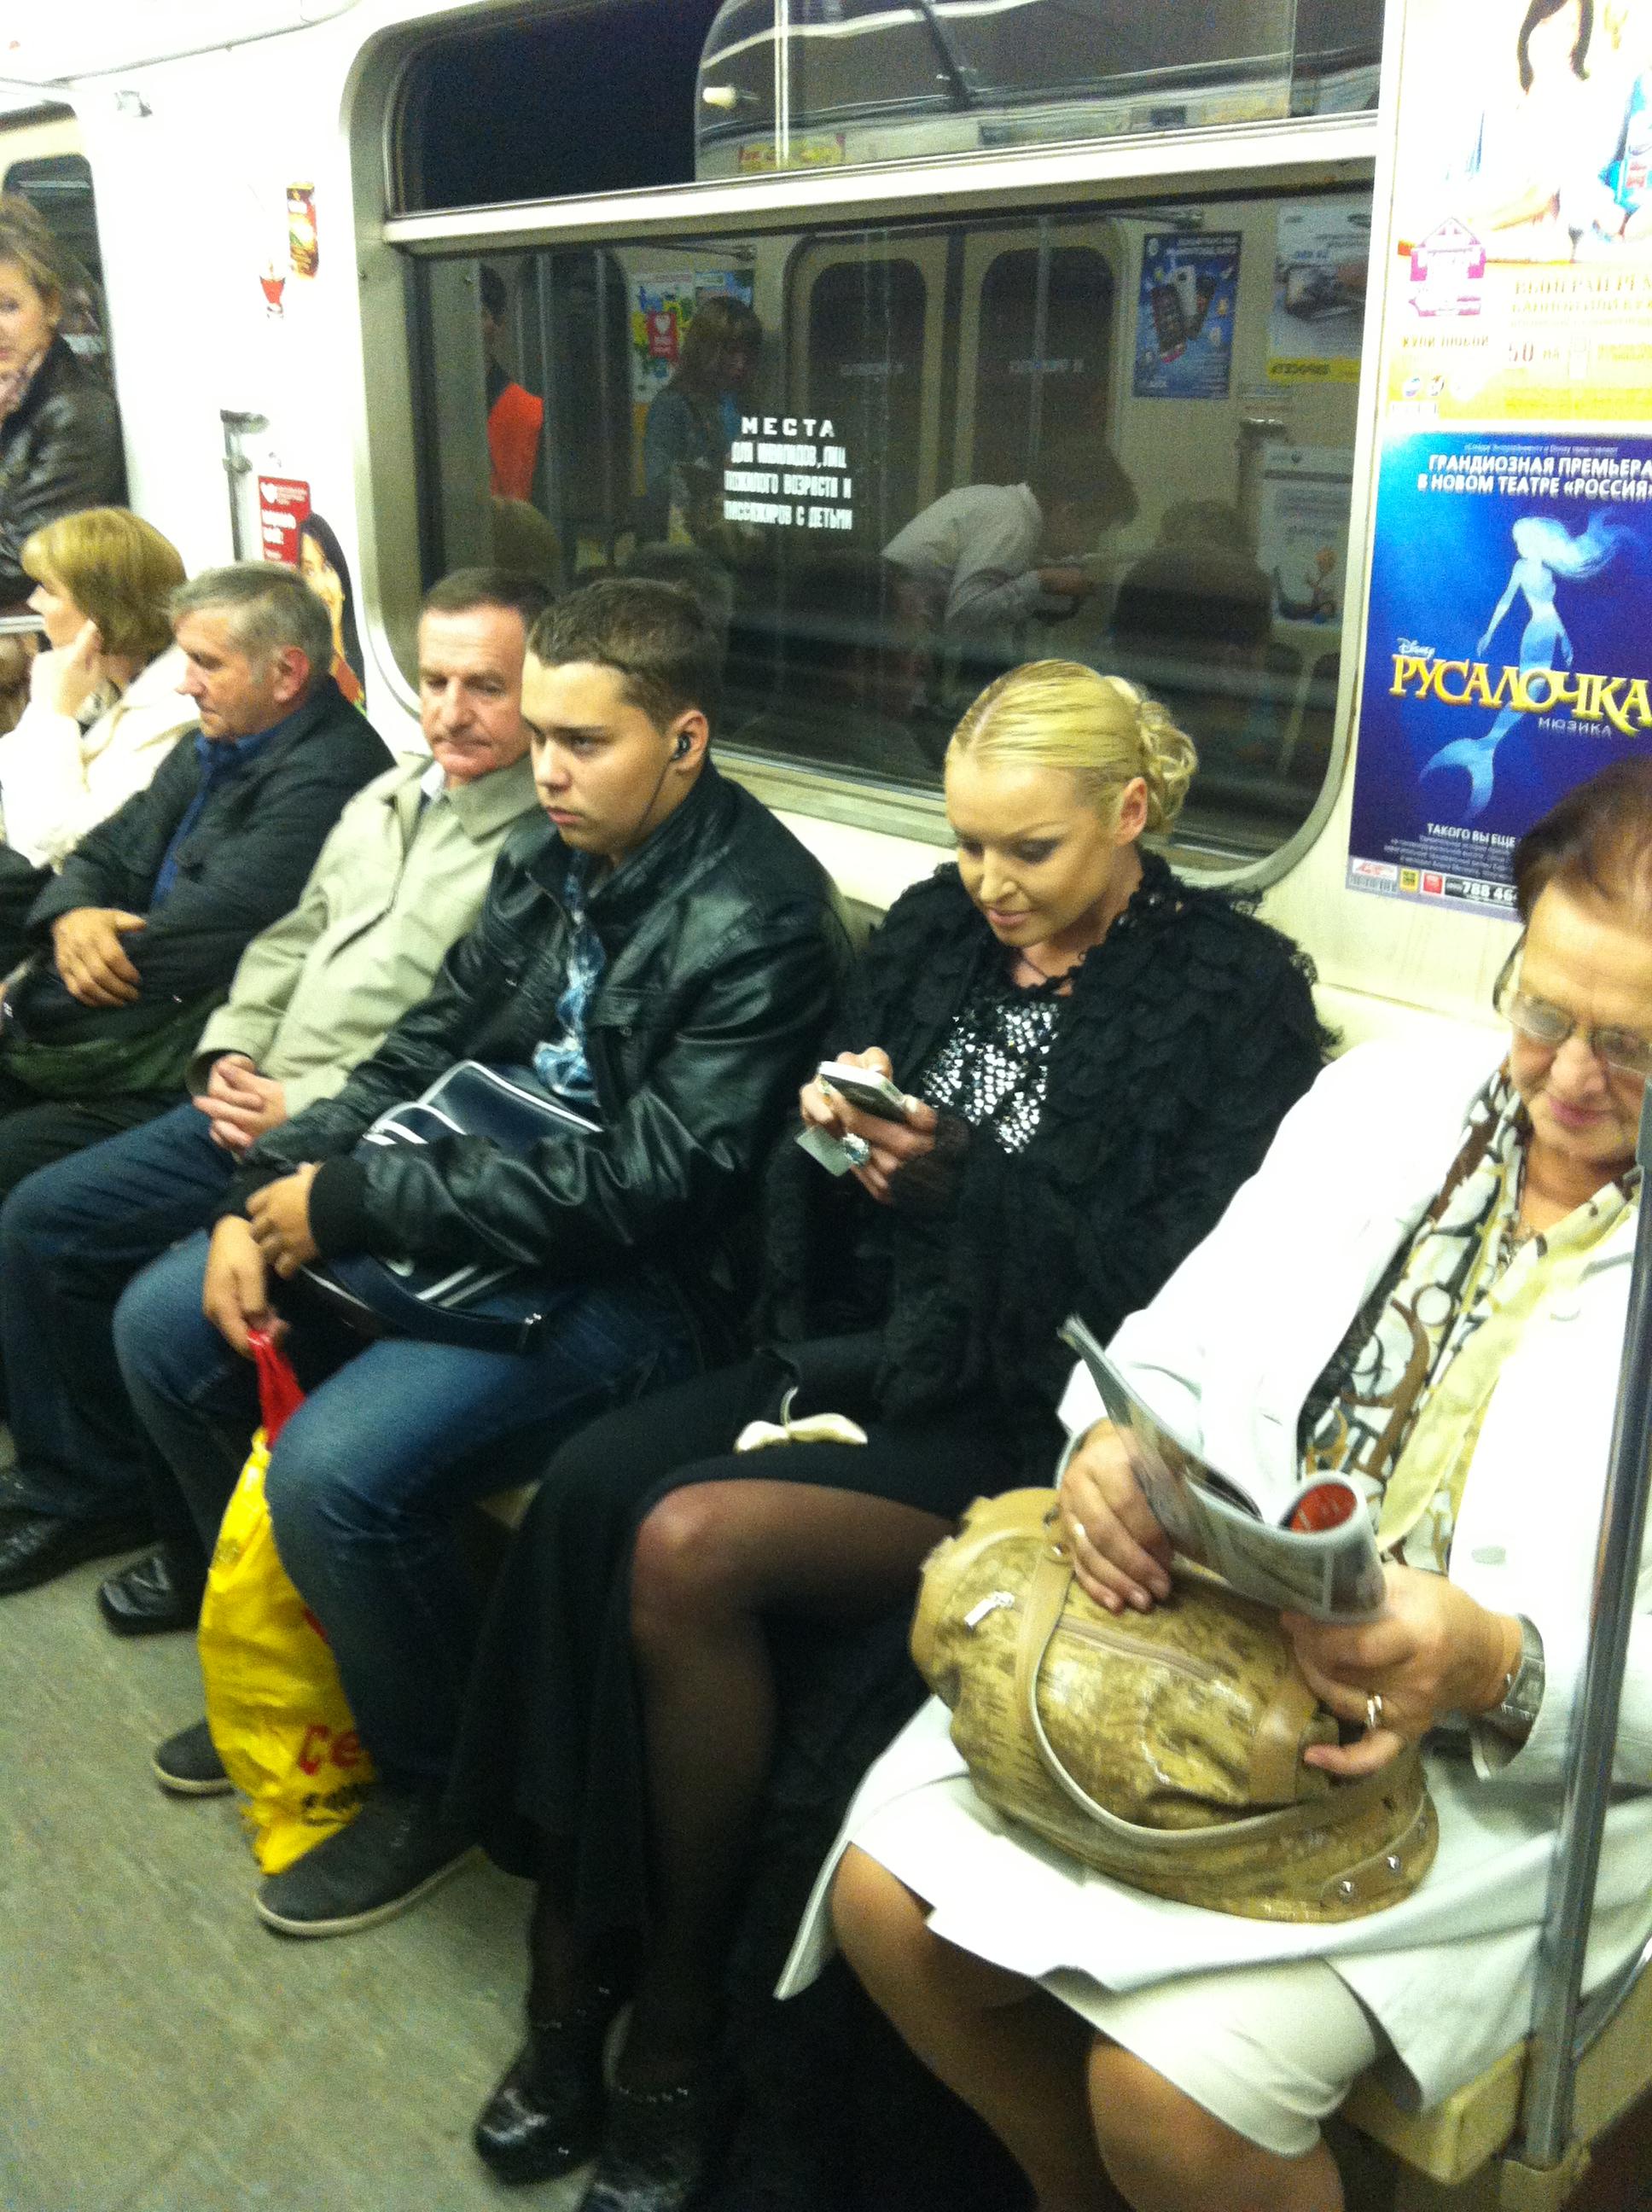 Фото подгляд в метро 2 фотография